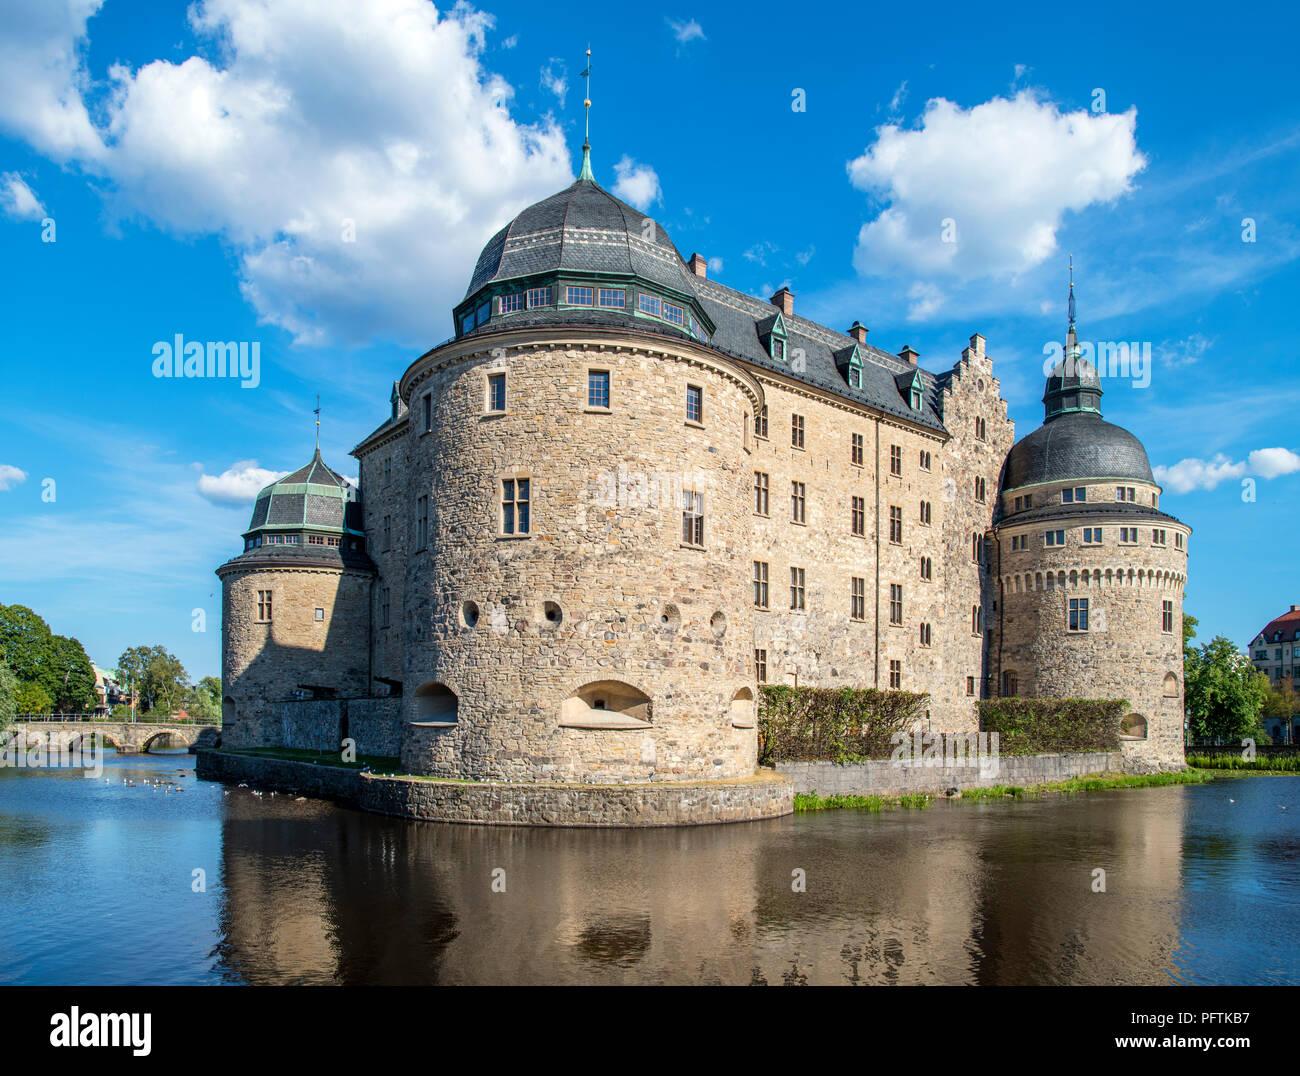 Le Château d''Örebro, une fortification médiévale au milieu de la rivière Svartån, Örebro, Suède Närke , Photo Stock